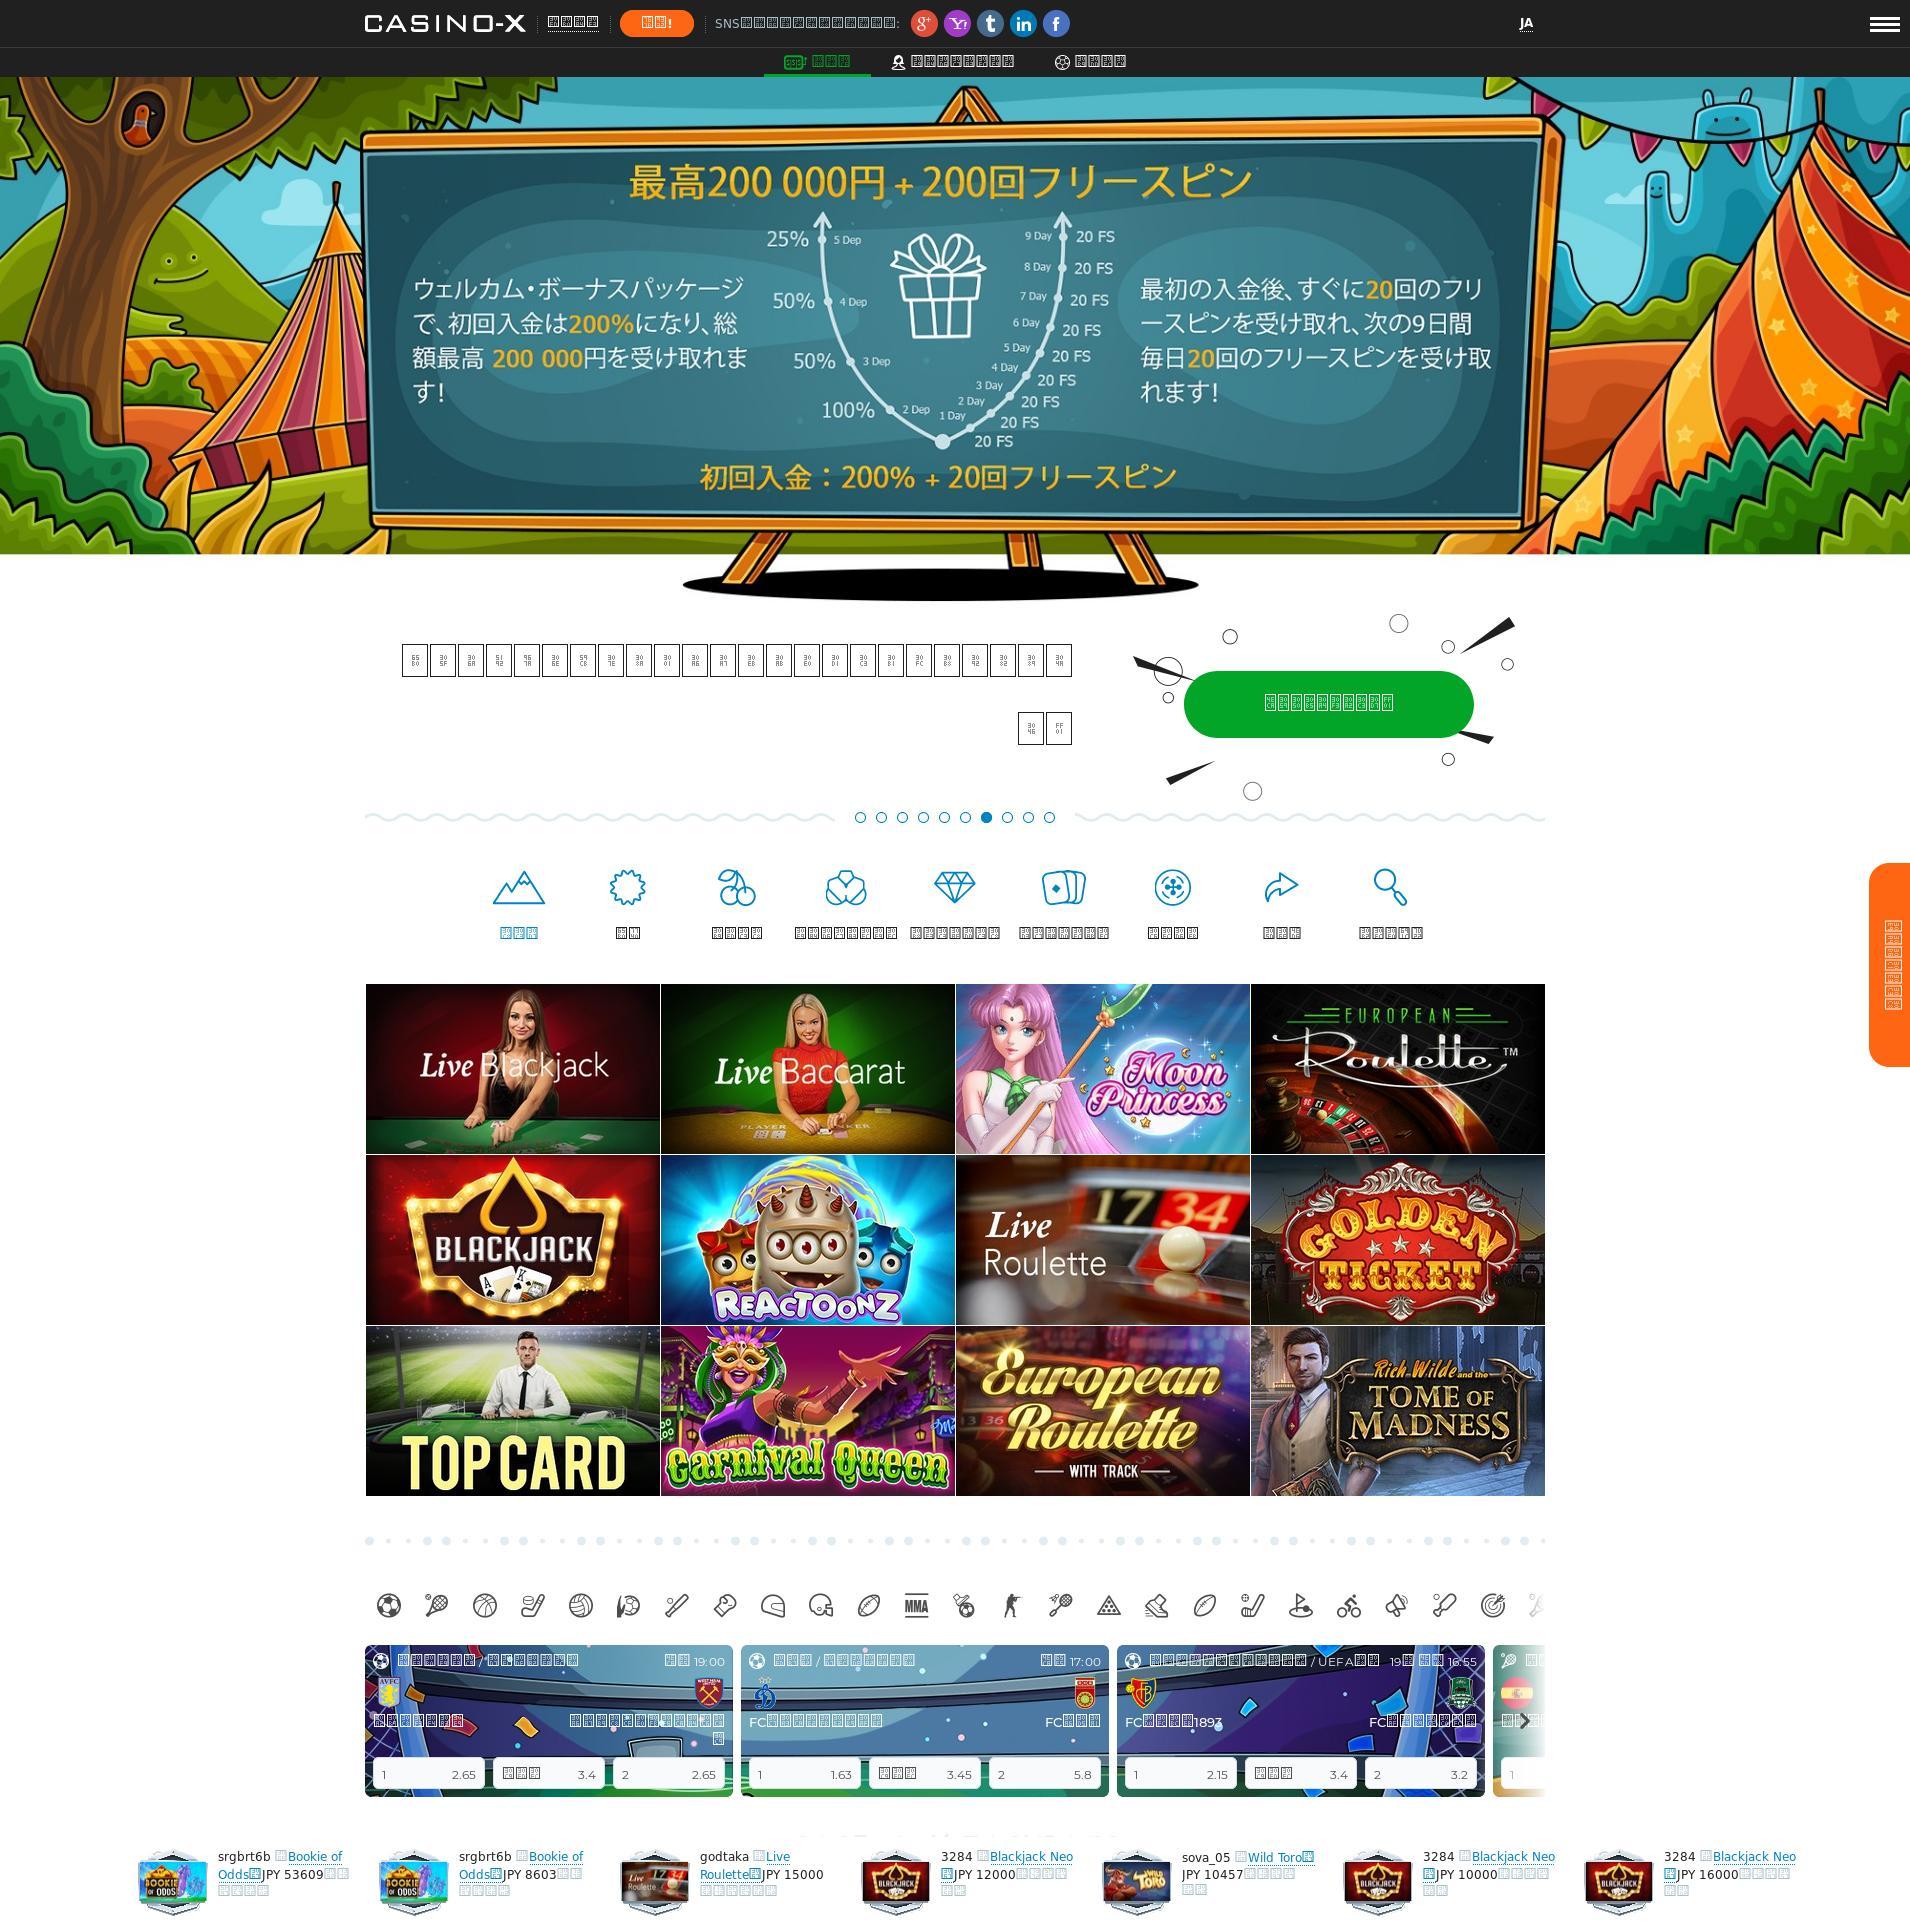 カジノのスクリーン Lobby 2019-09-16 ために 日本